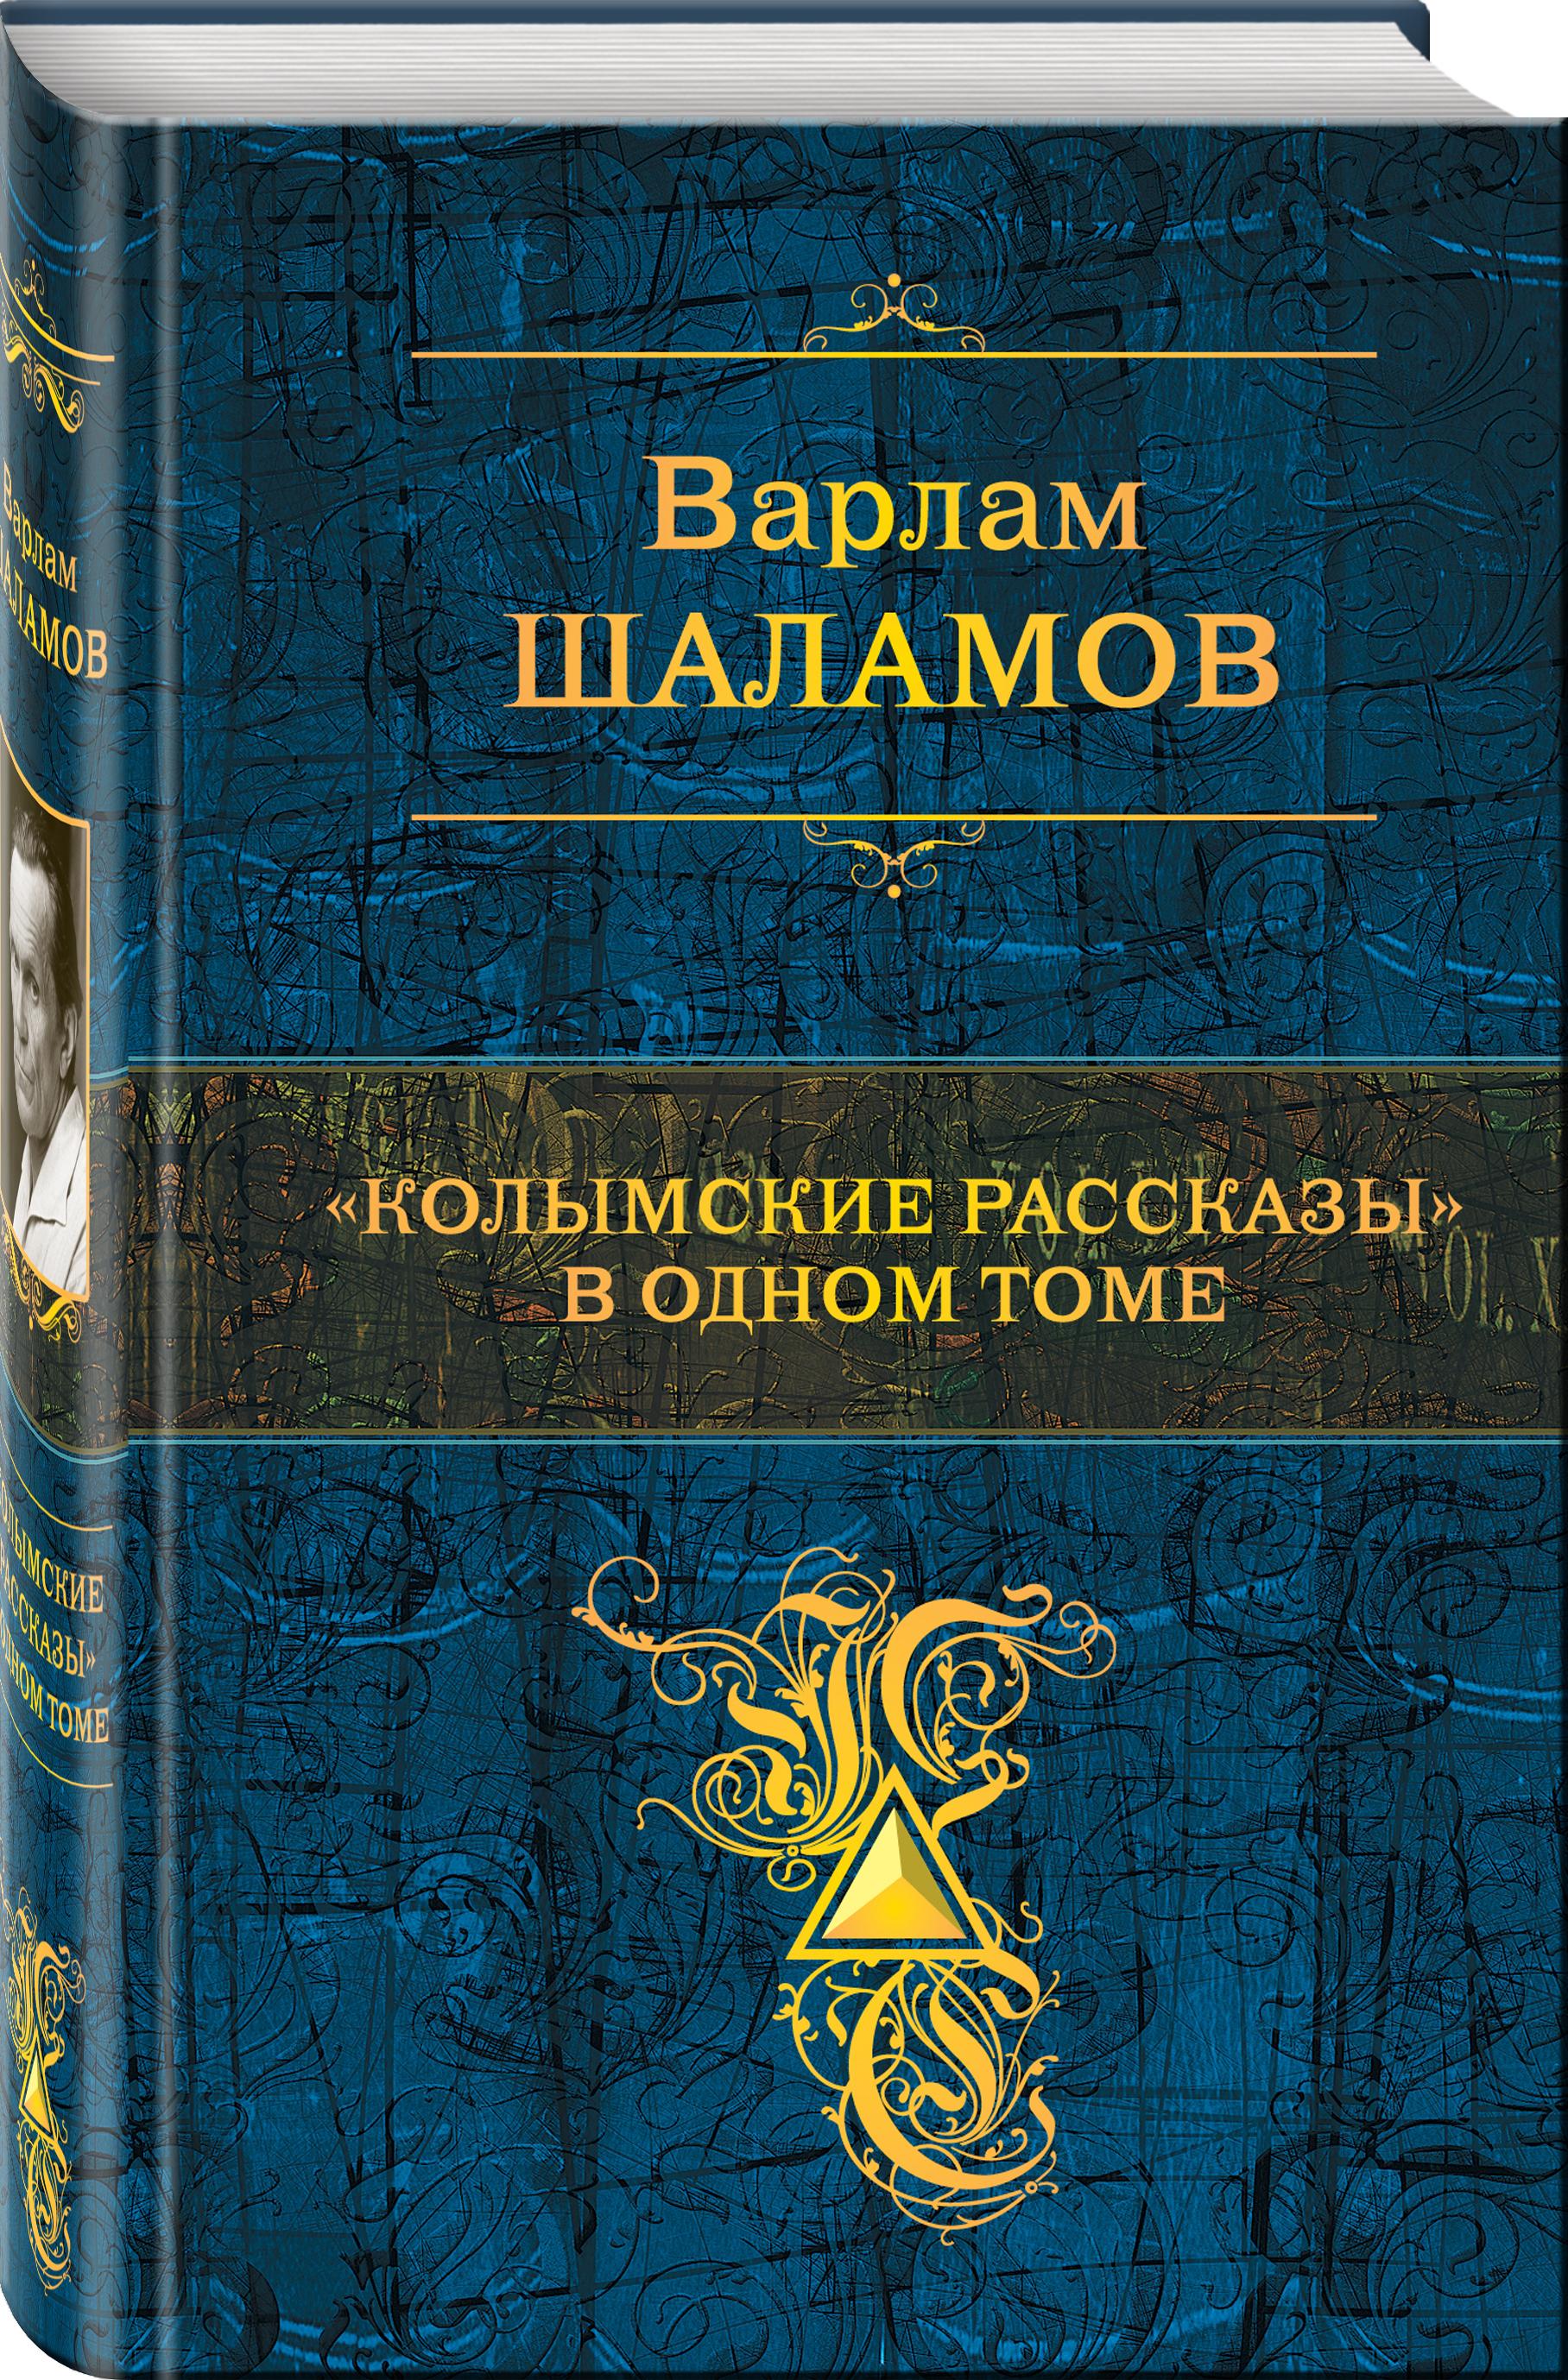 Варлам Шаламов Колымские рассказы в одном томе колымские рассказы в одном томе эксмо